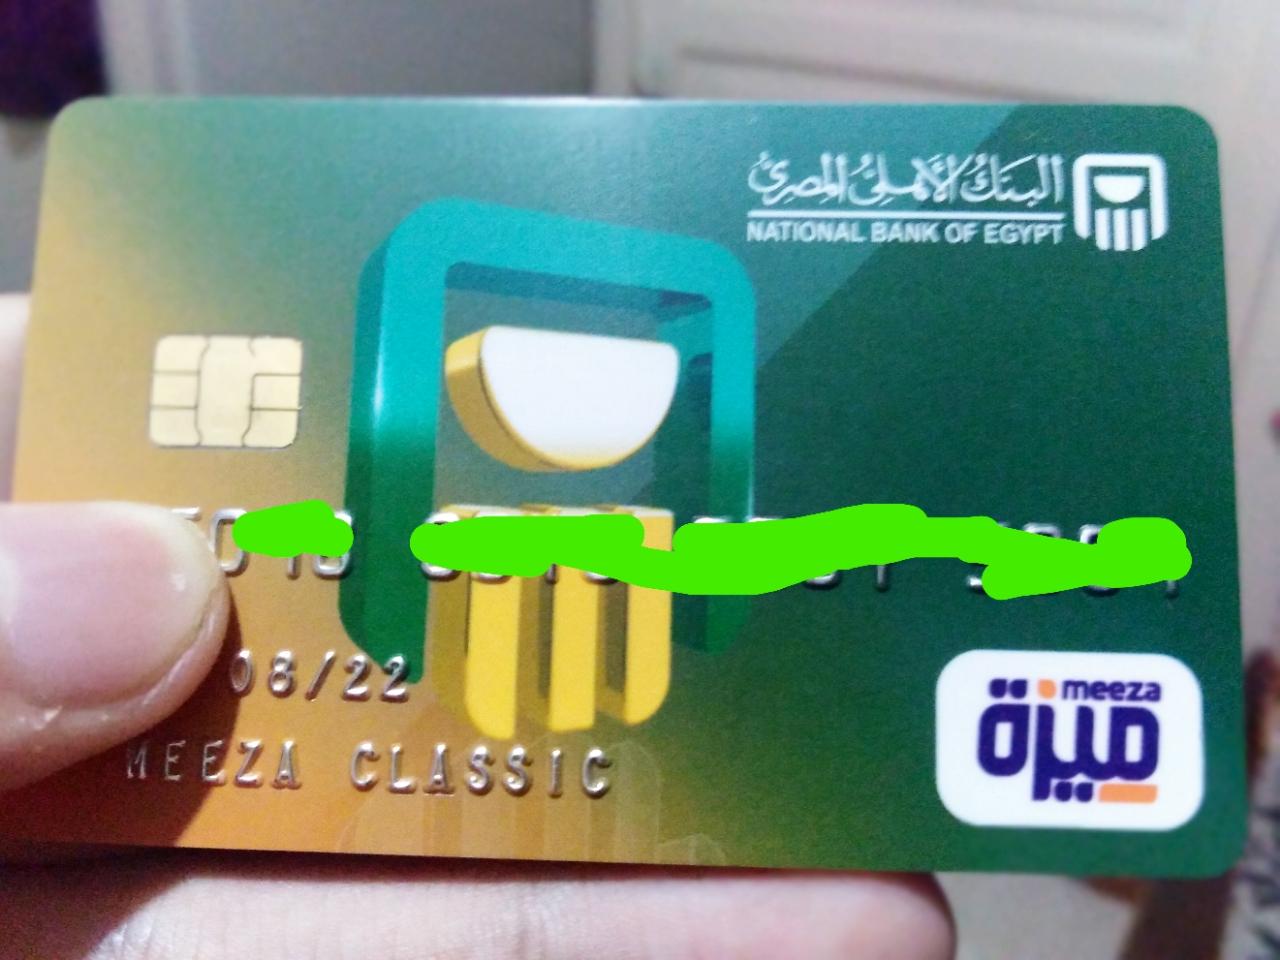 فيزا طلاب الجامعات يستخرجون كارت ميزه مجانا من البنك الاهلي المصري